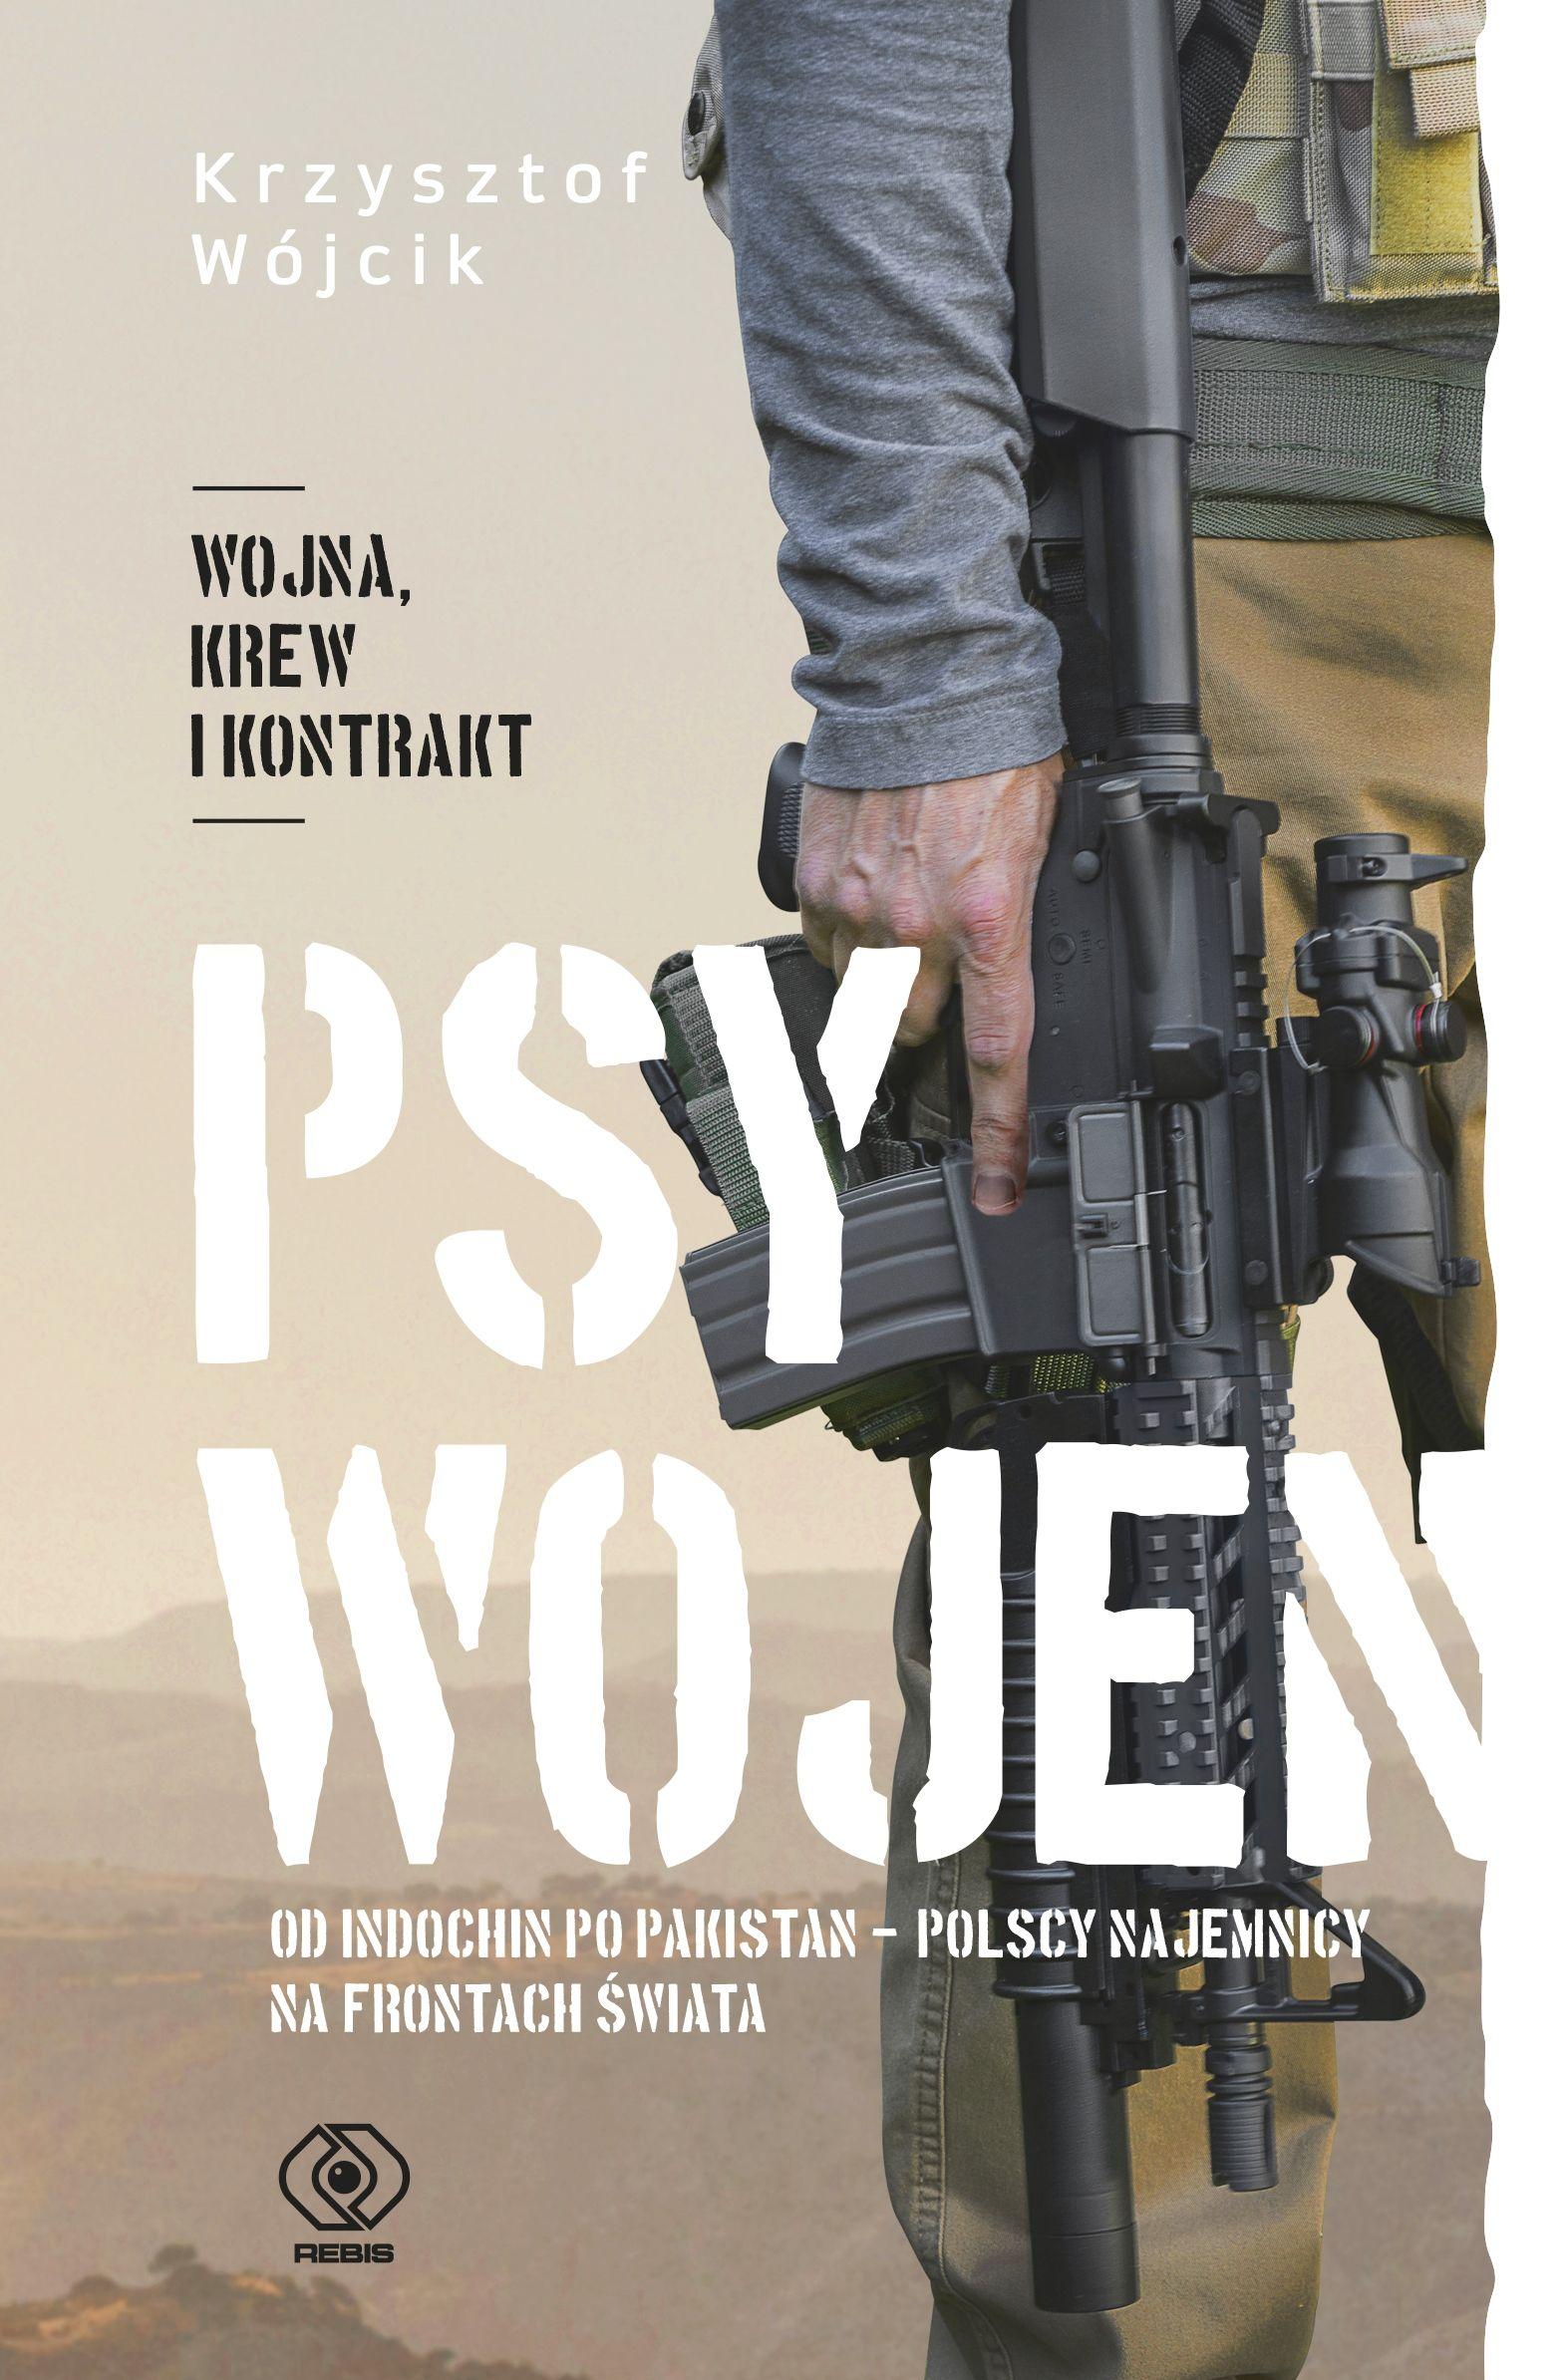 Kup najnowszą książkę Krzysztofa Wójcika z rabatem na empi.com